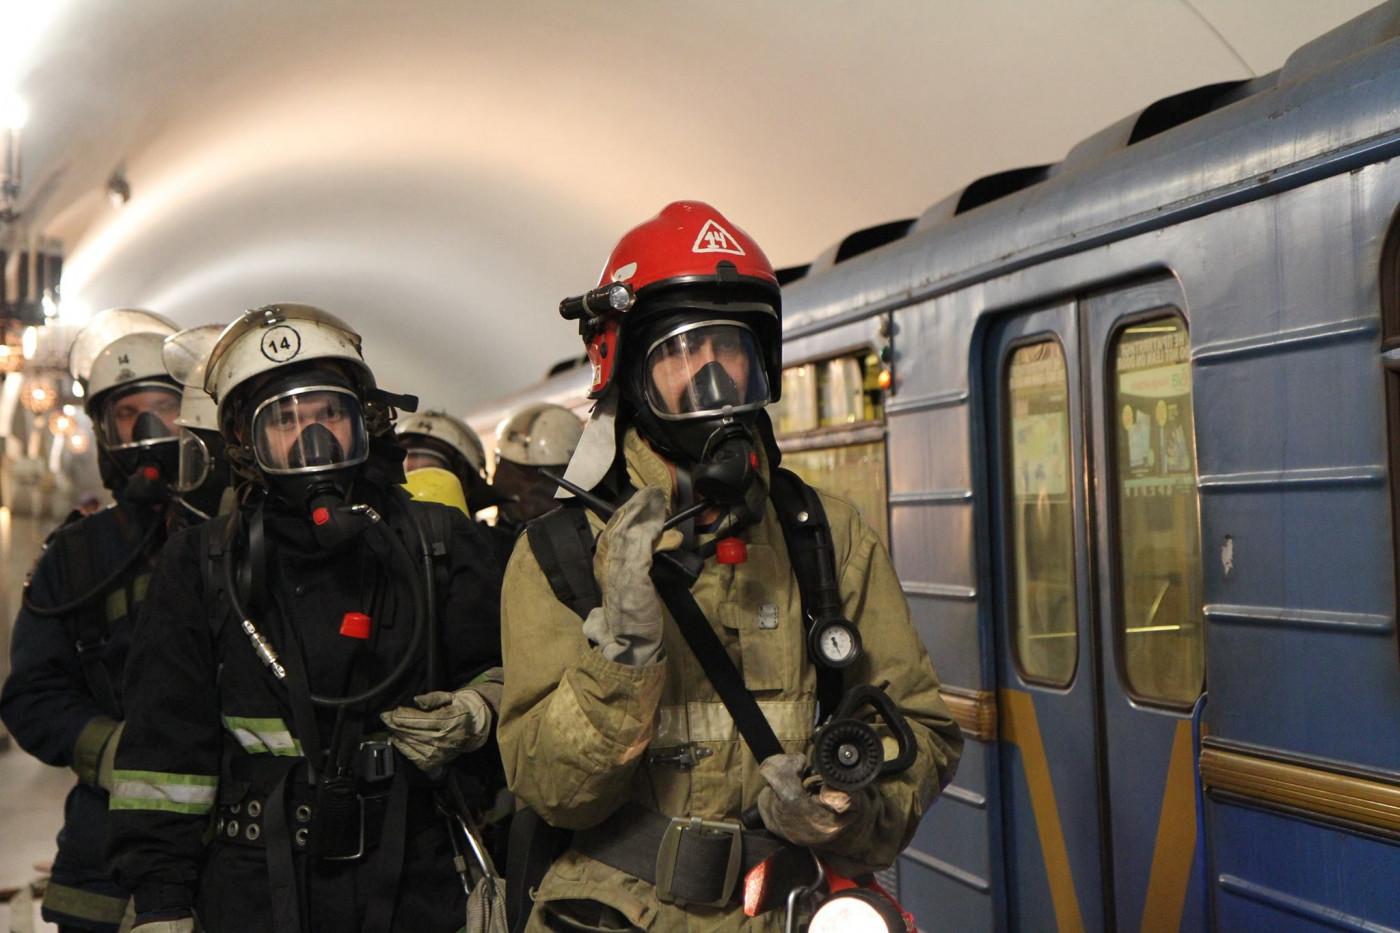 Учения в метро